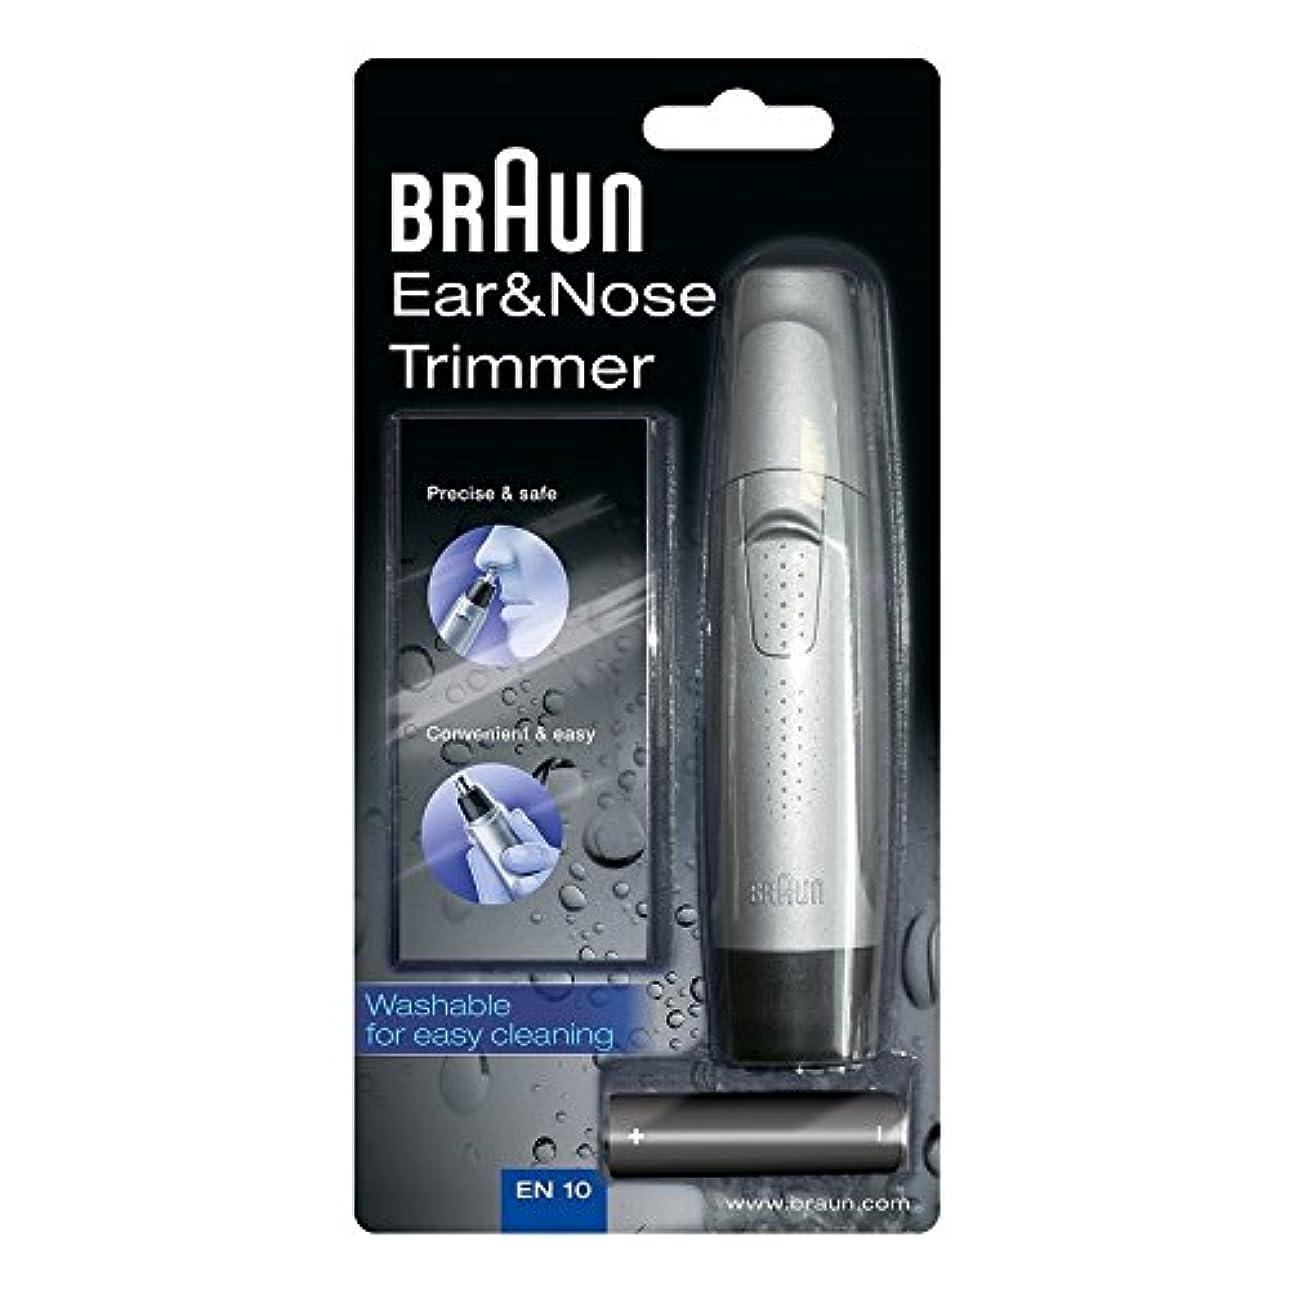 病な手入れ正直Braun EN10 耳と鼻トリマー EN10 [並行輸入品]